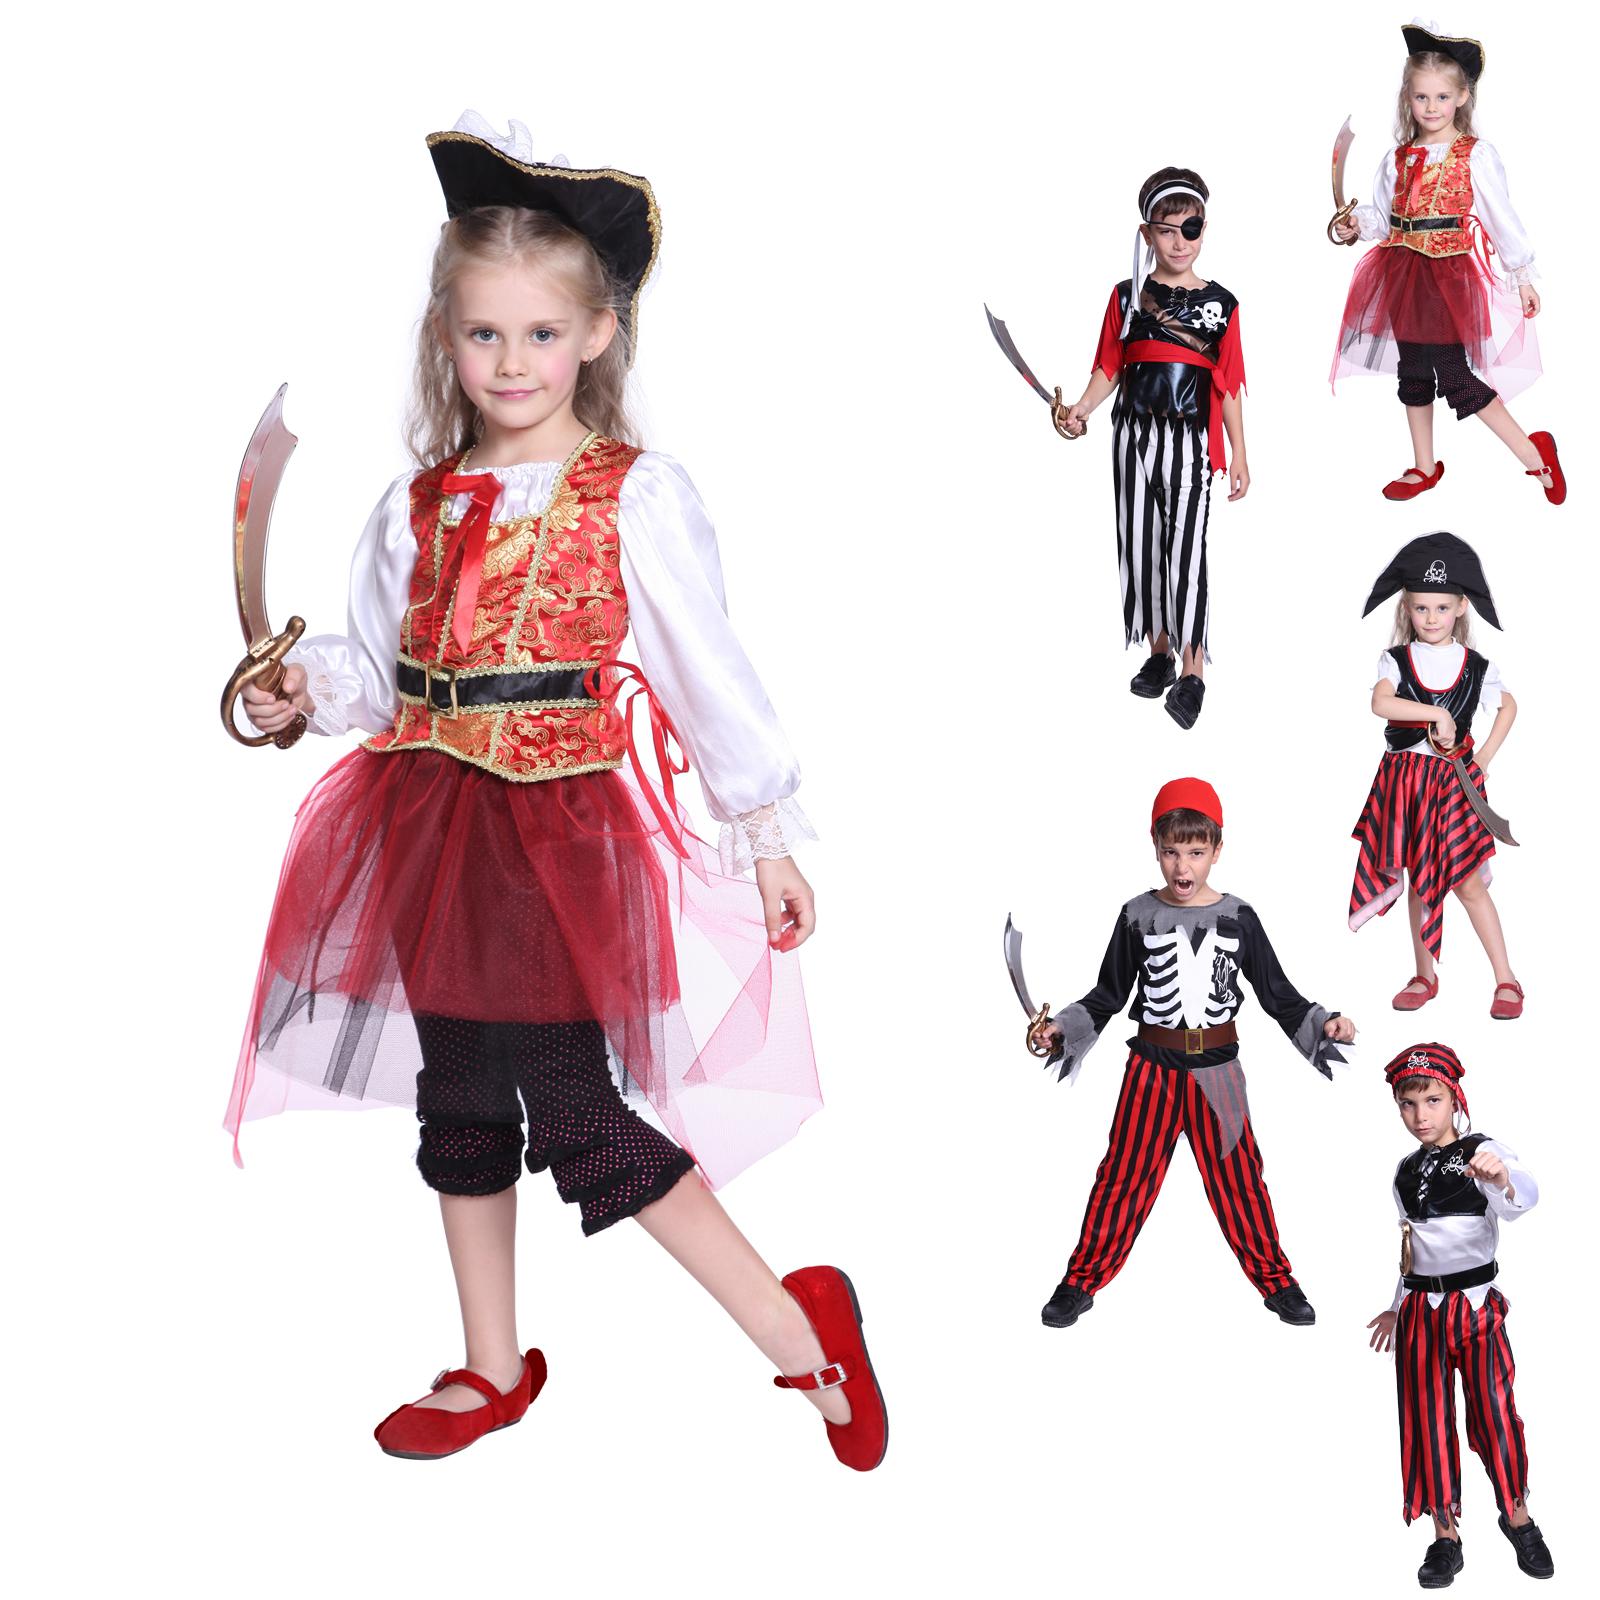 karneval kost m fluch der karibik kinder m dchen piraten. Black Bedroom Furniture Sets. Home Design Ideas